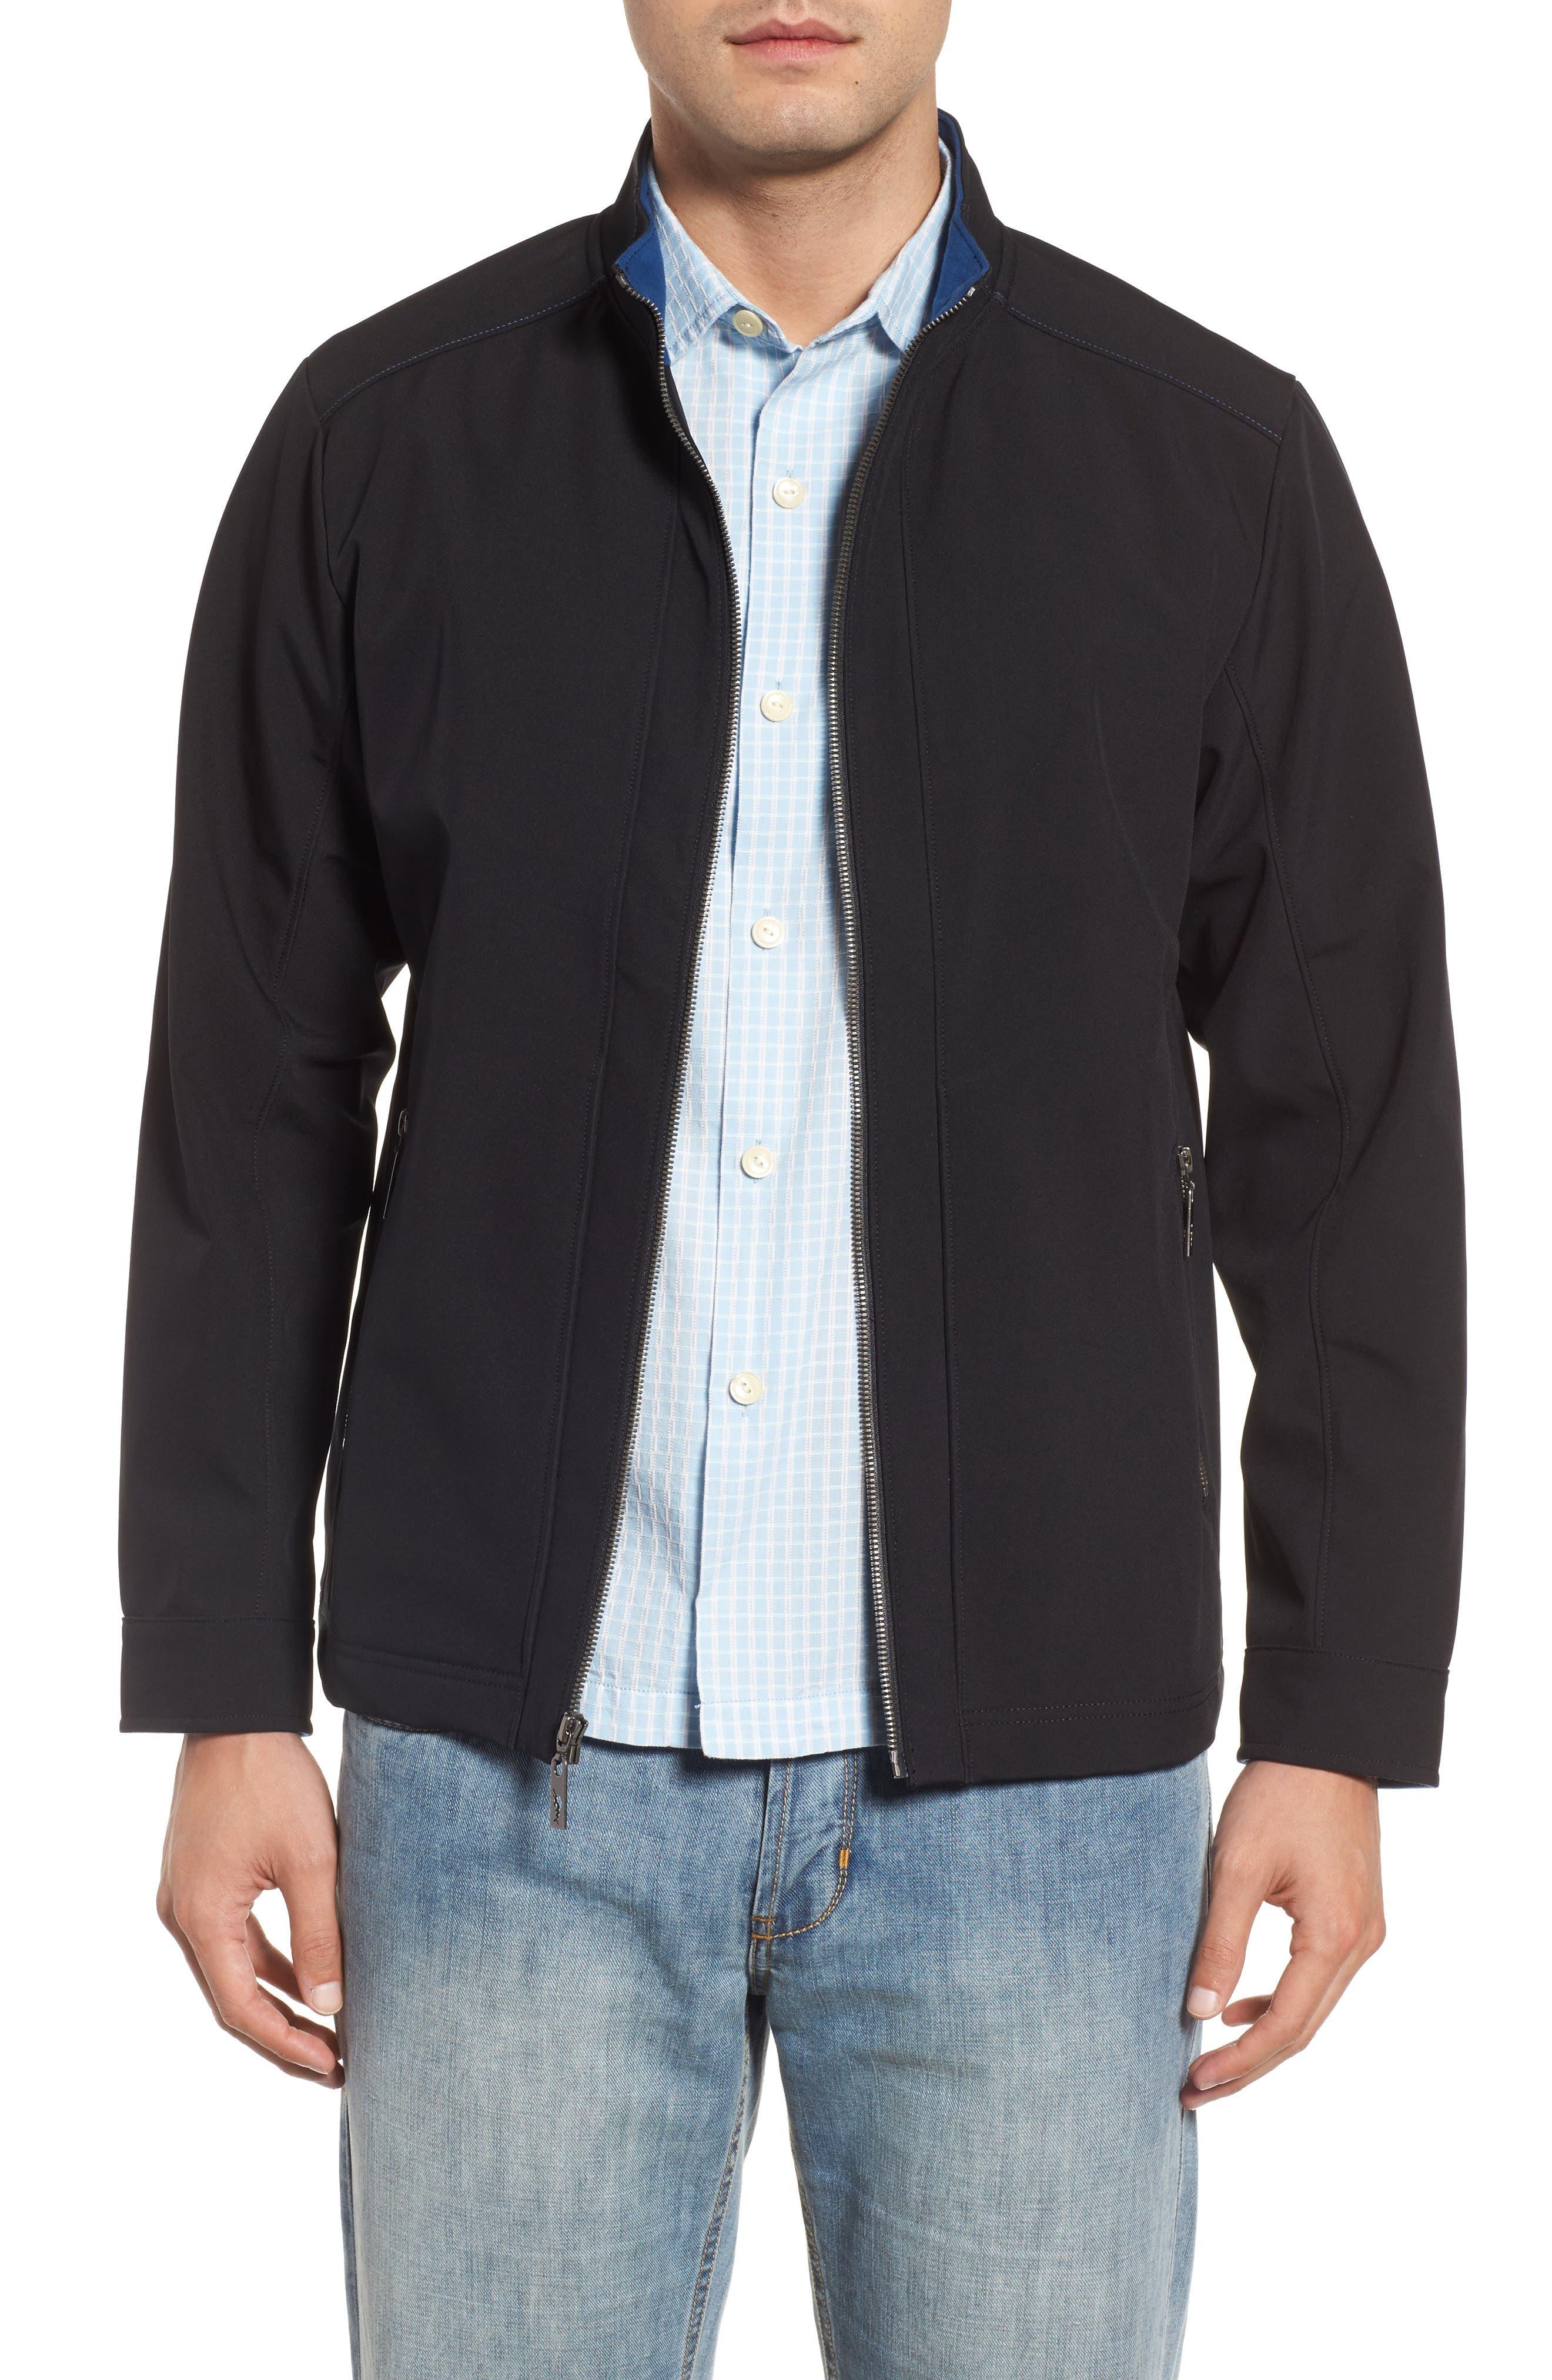 Downswing Zip Jacket,                             Main thumbnail 1, color,                             001